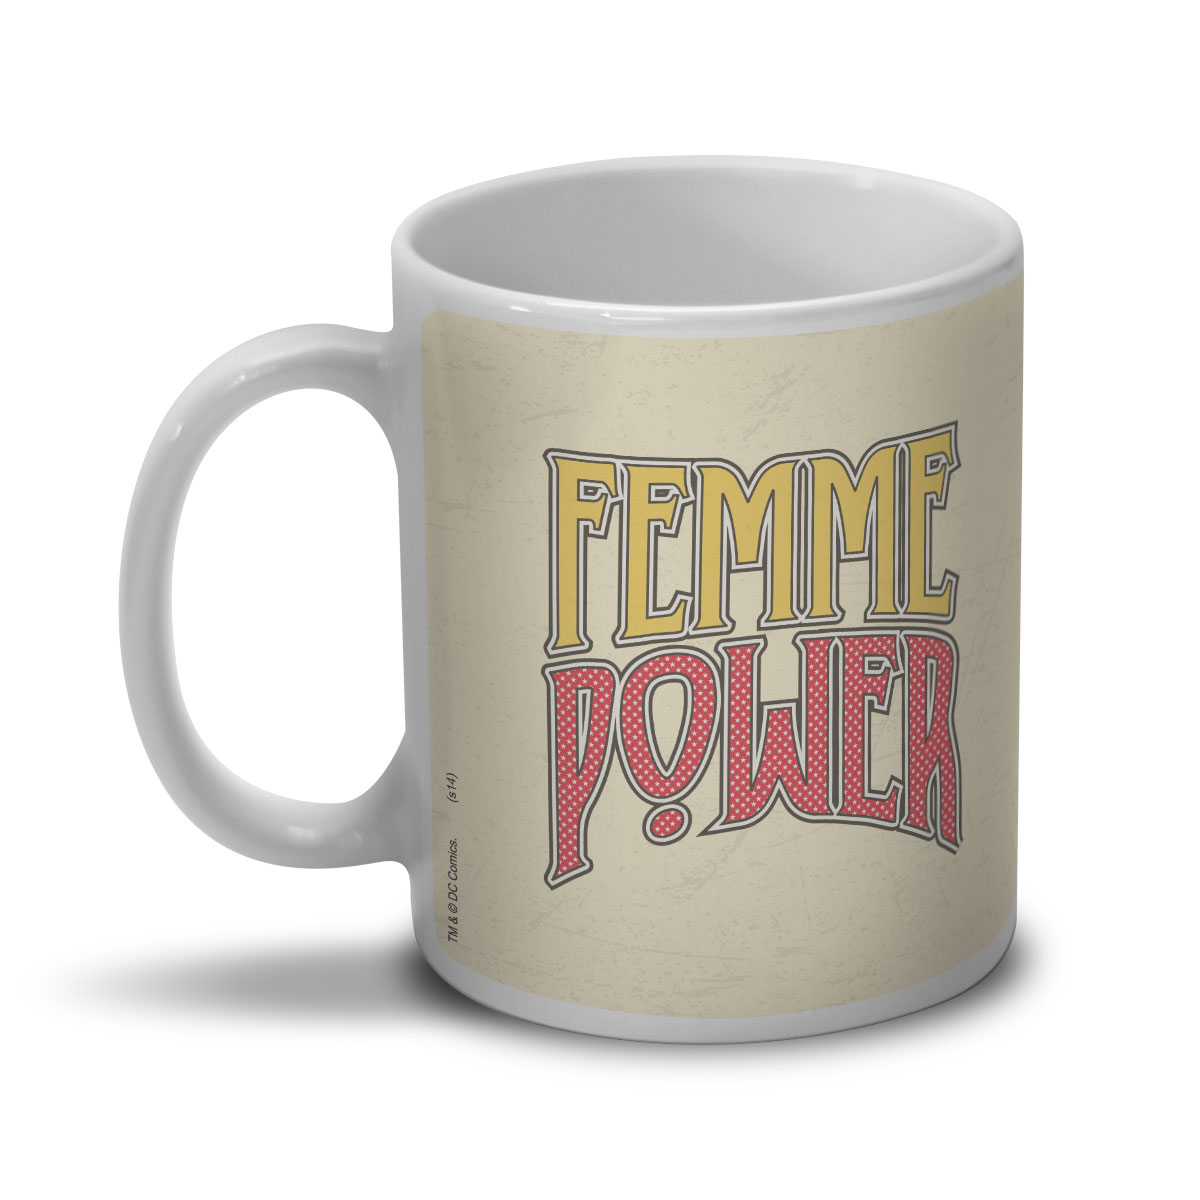 Caneca Power Girls Femme Power